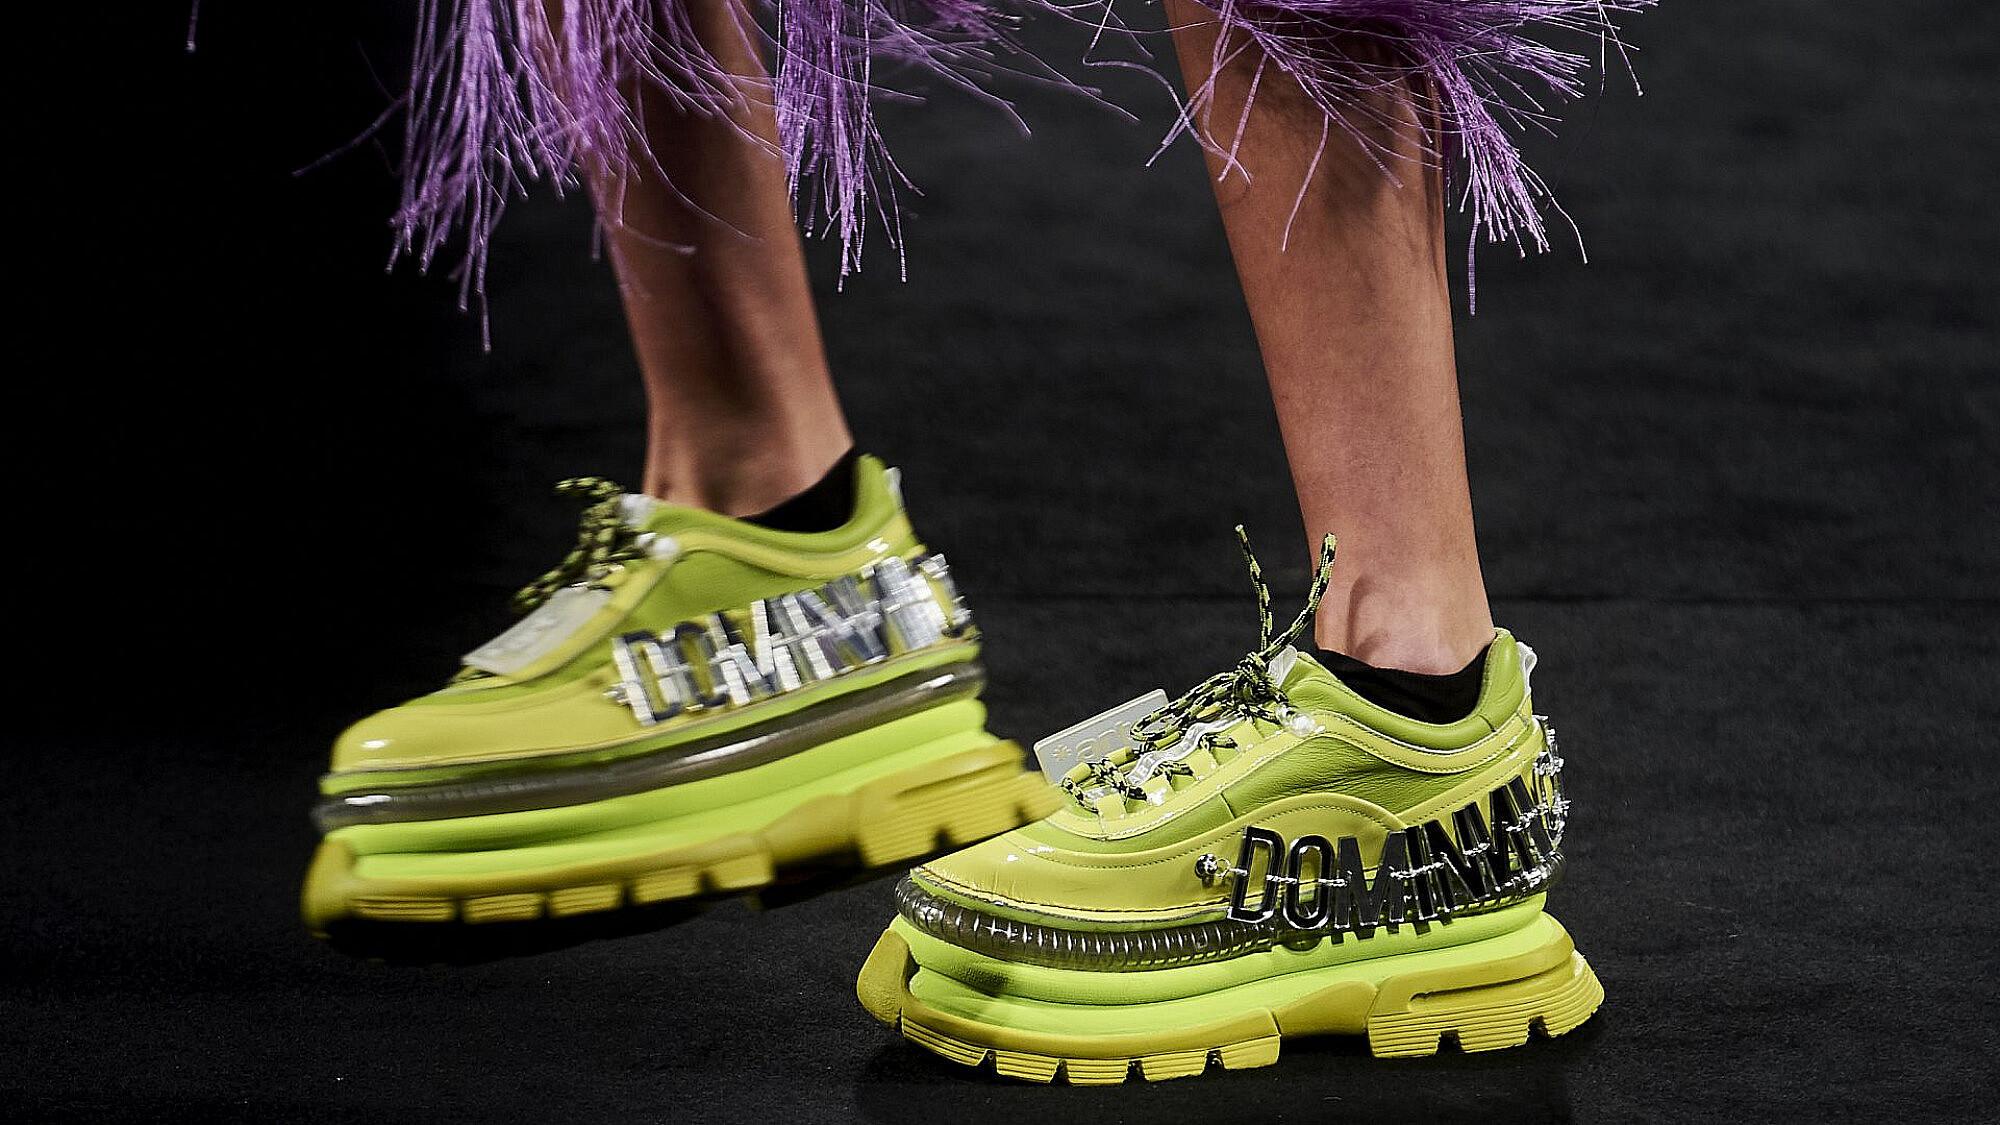 משהו עדין. נעלי פלטפורמה של המותג Dominnico, קולקציית סתיו־חורף 2021 | צילום: GettyImages